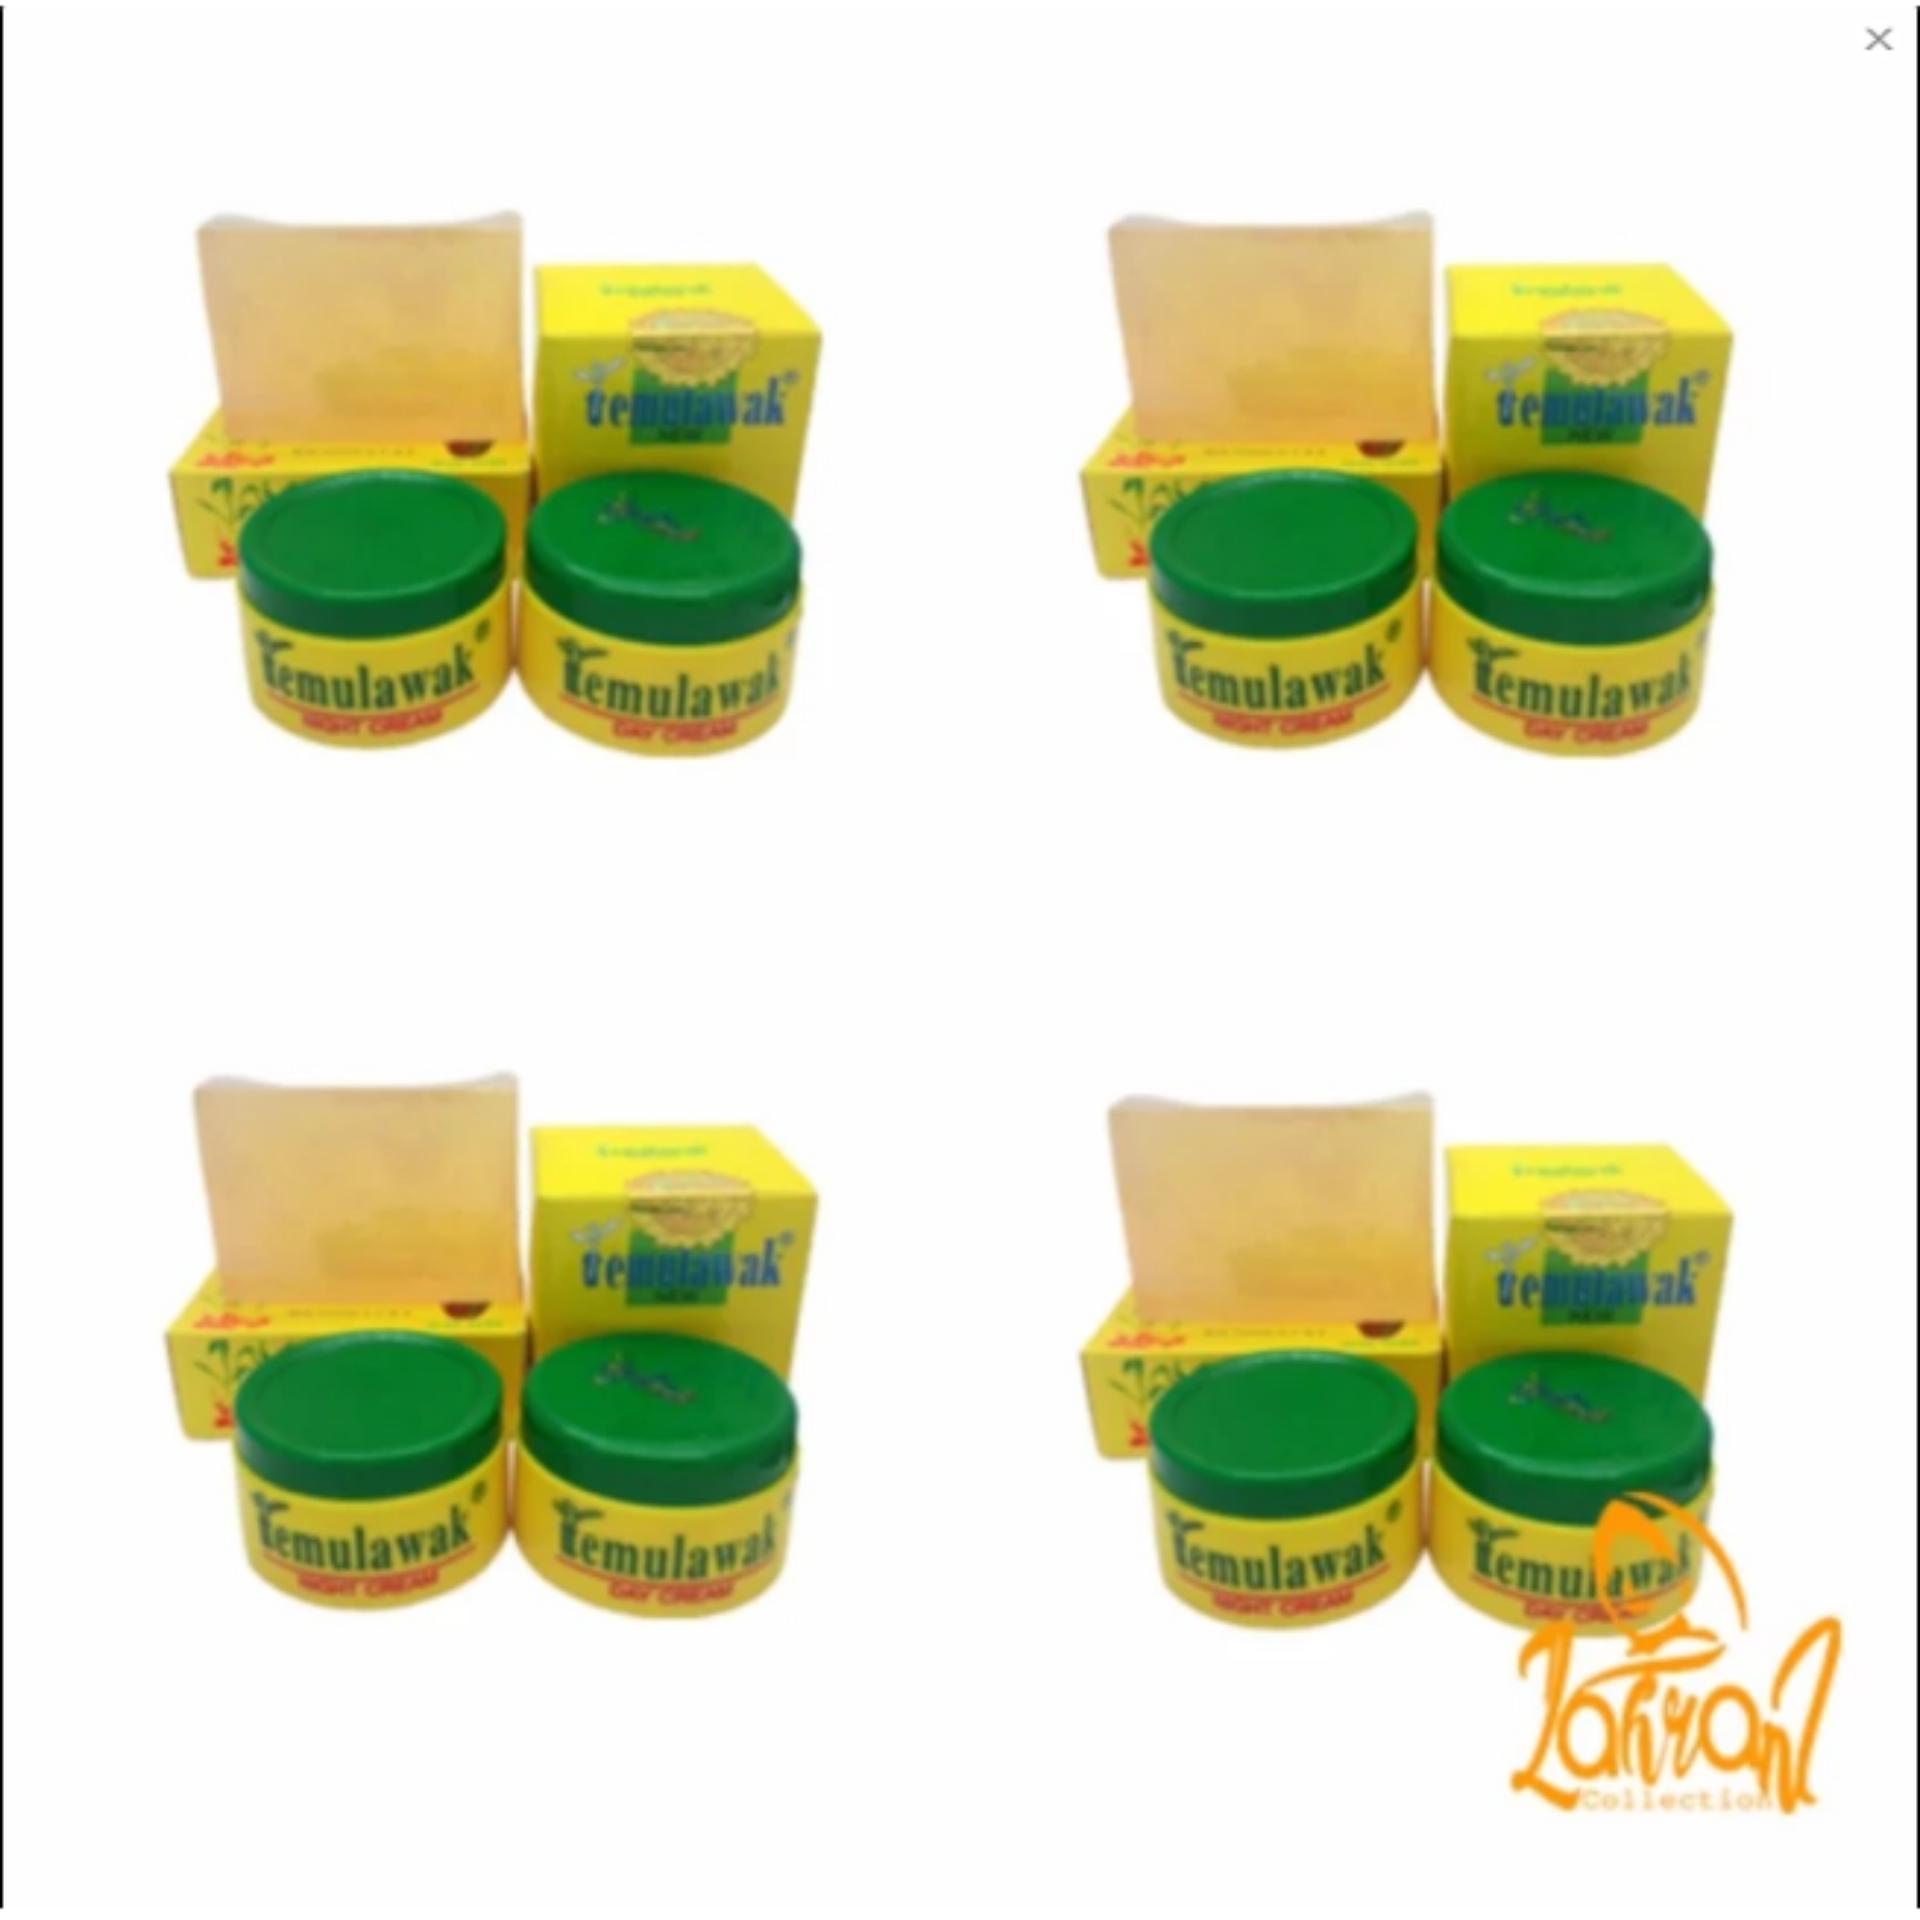 Shock Price Temulawak Original - Cream Temulawak Asli [ 4 Paket Cream Temulawak Original ] penjualan